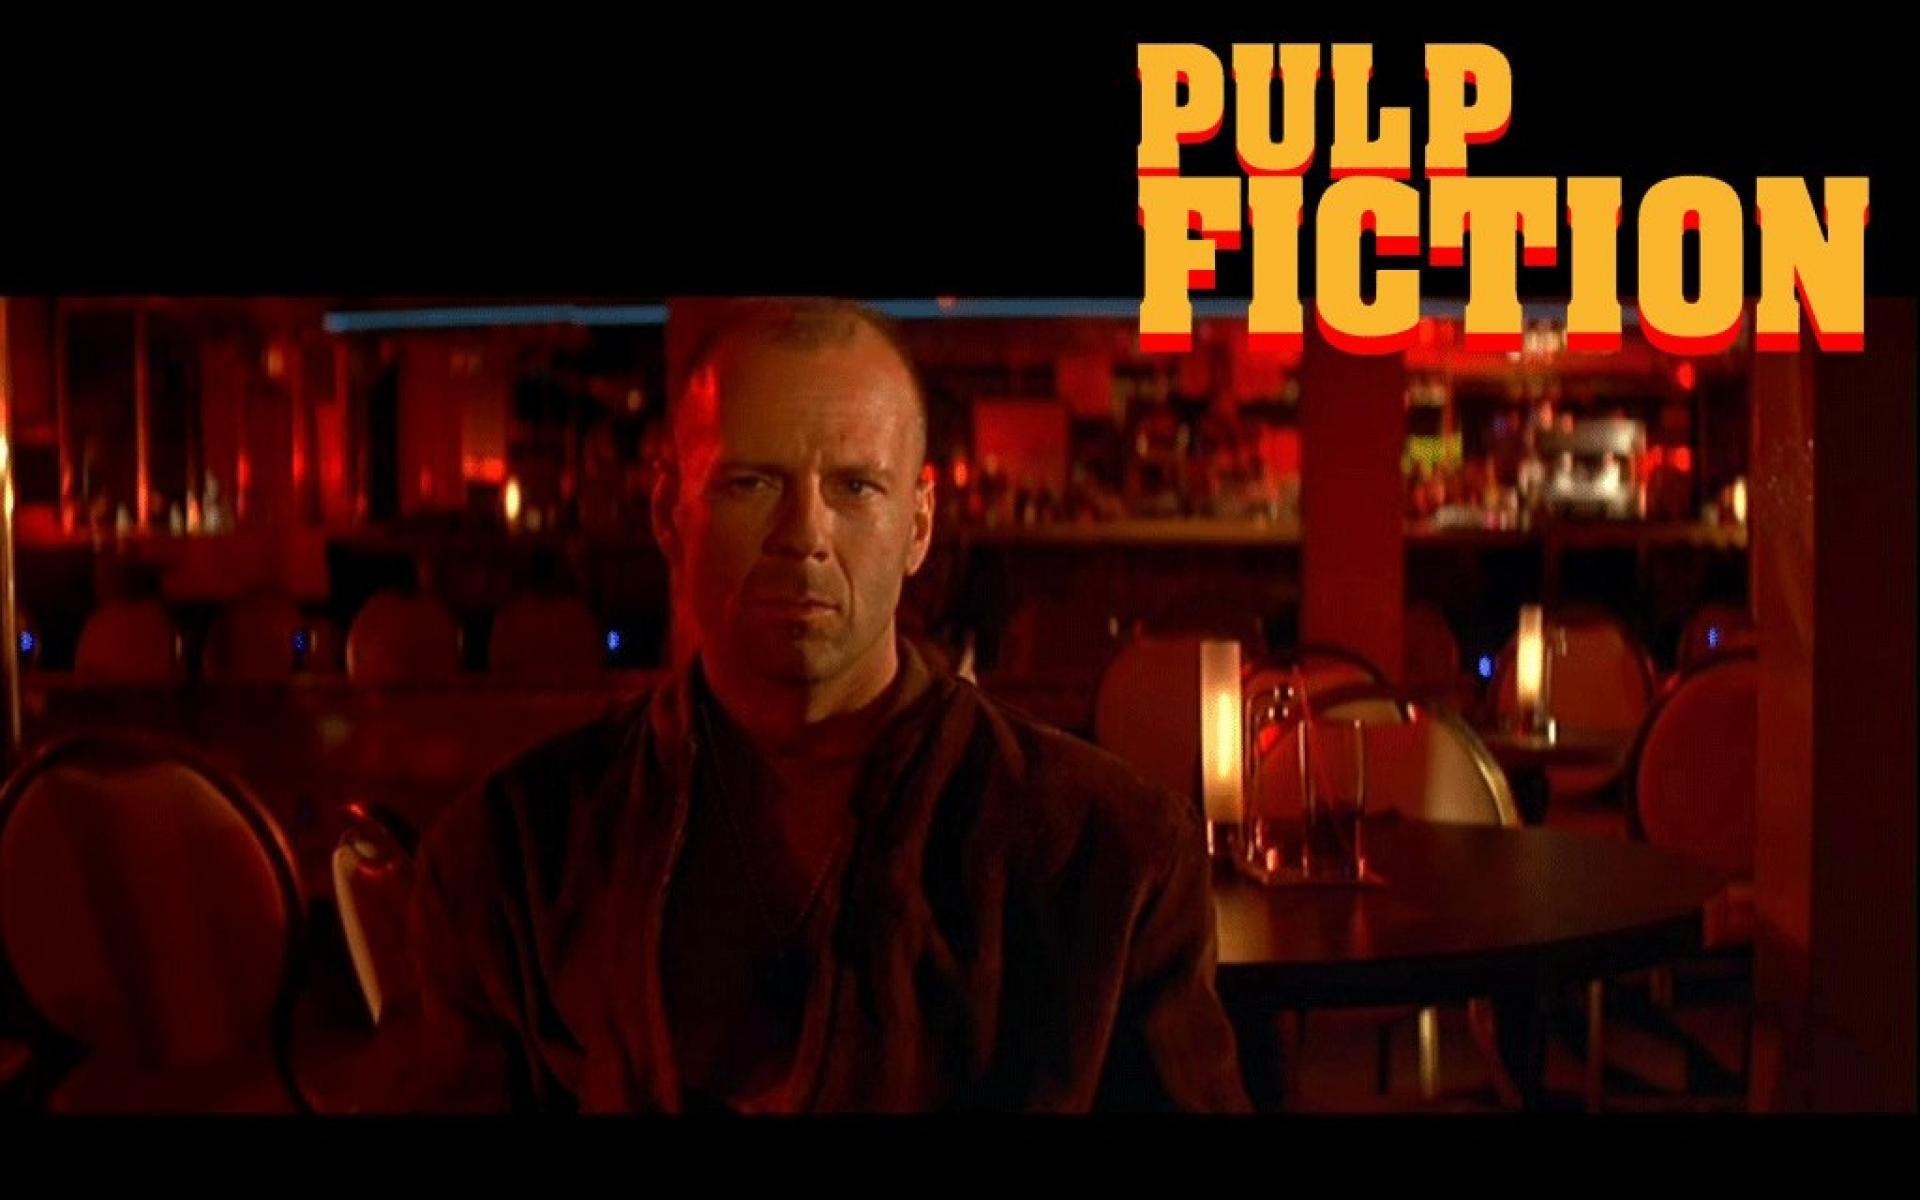 Pulp Fiction: Butch HD Wallpaper